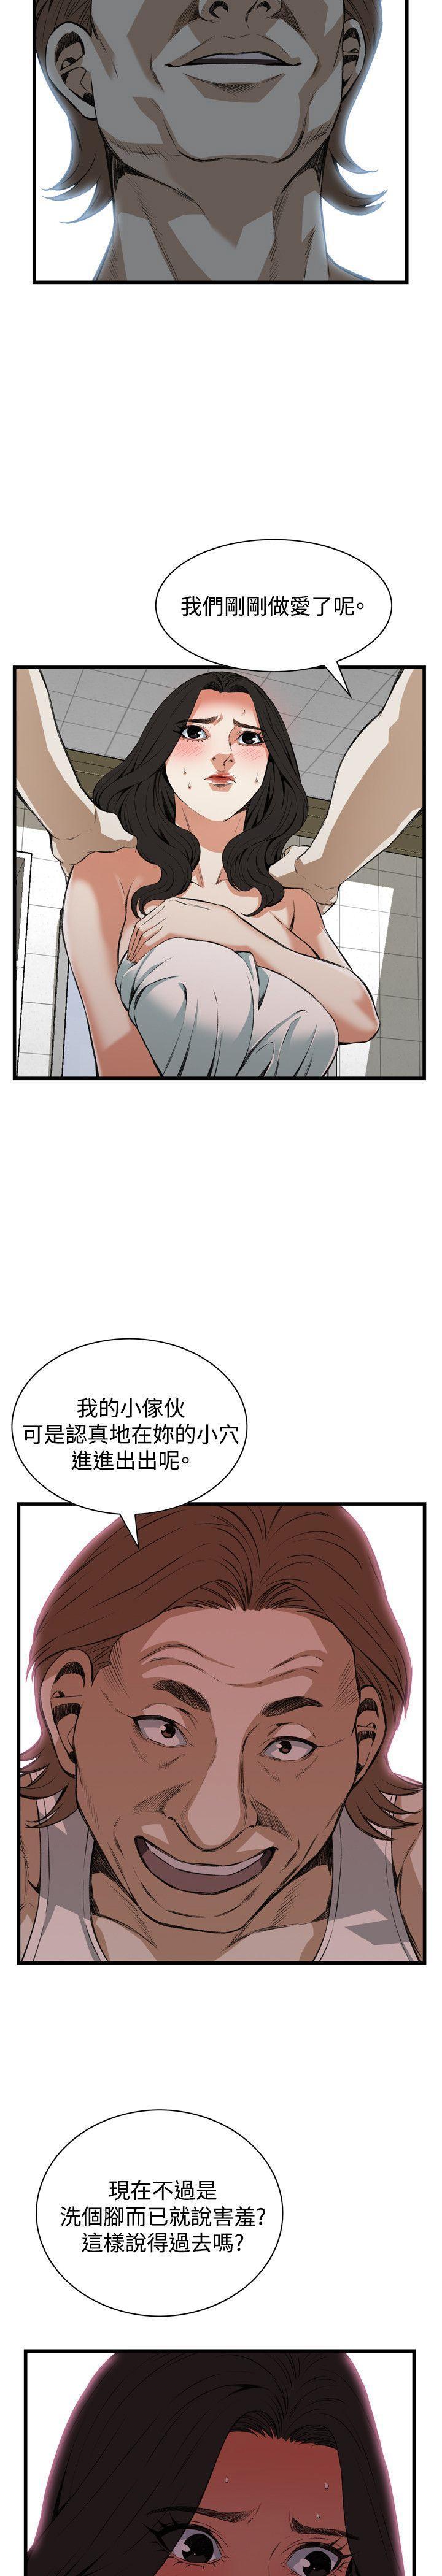 偷窥72-93 Chinese Rsiky 281